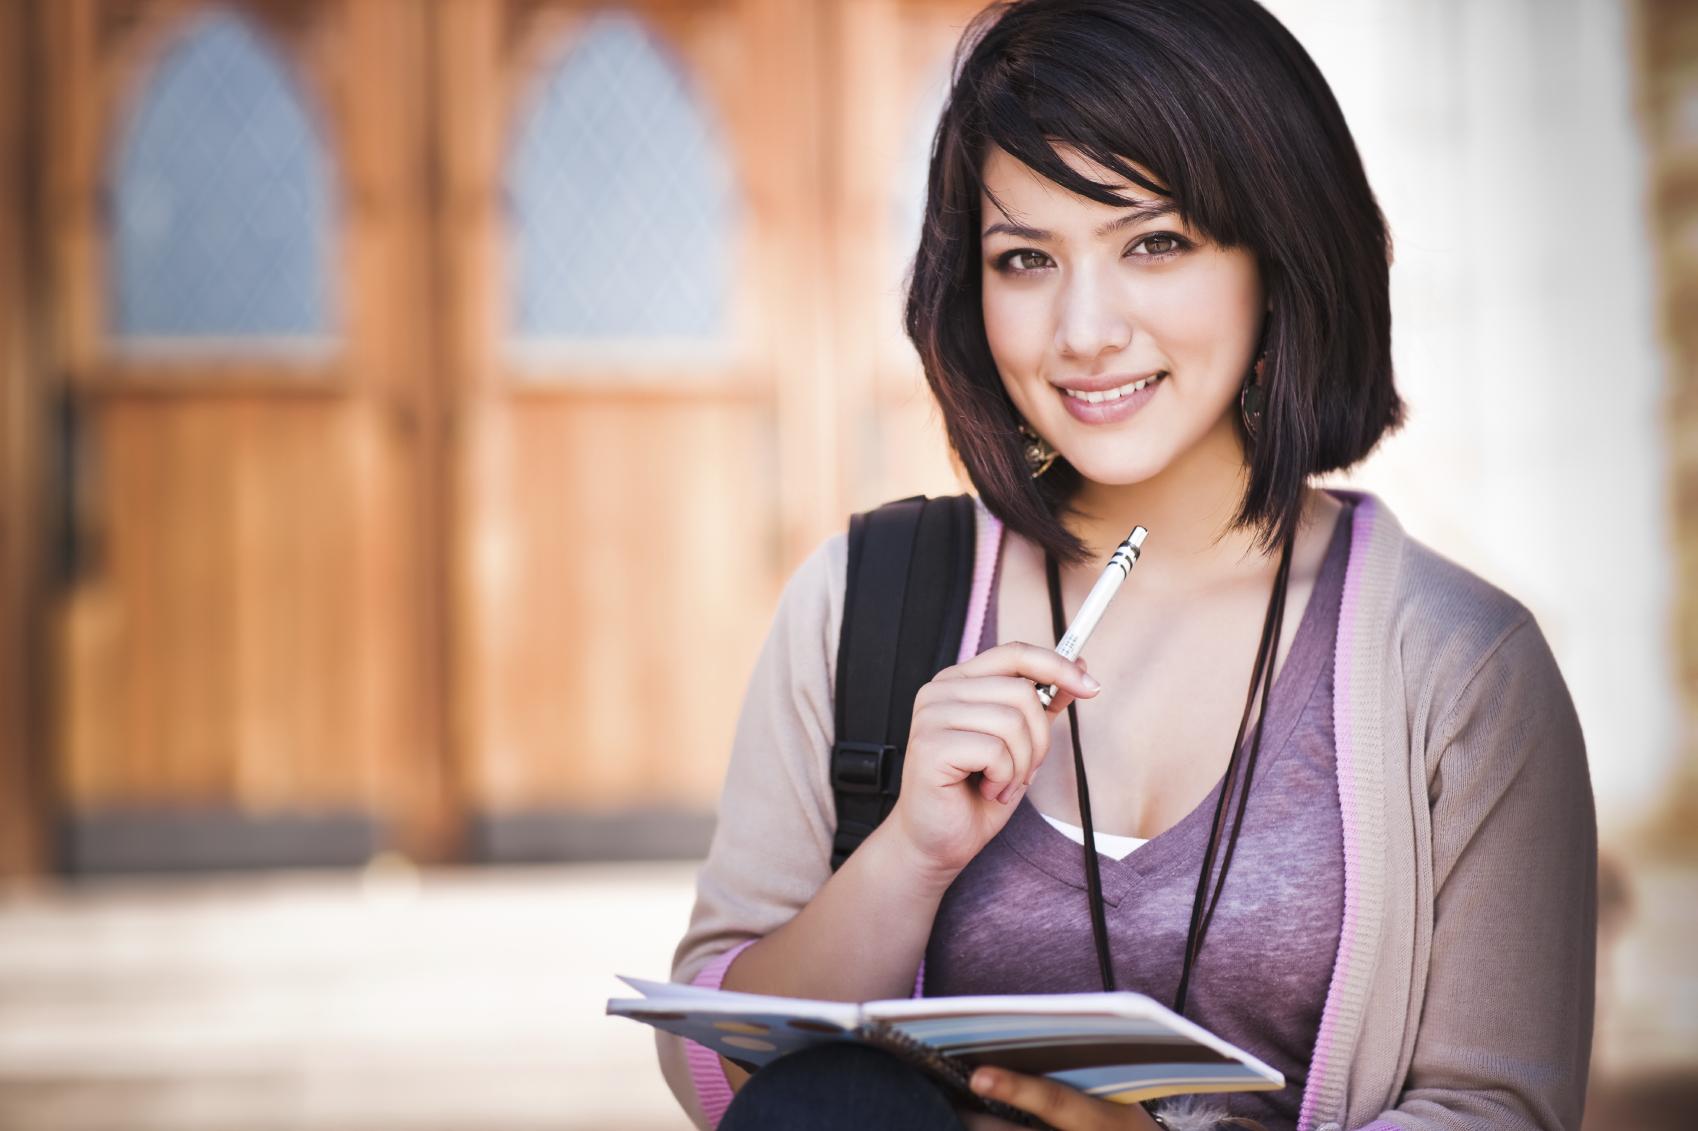 Üniversite 1. Sınıf Öğrencisi Olmak